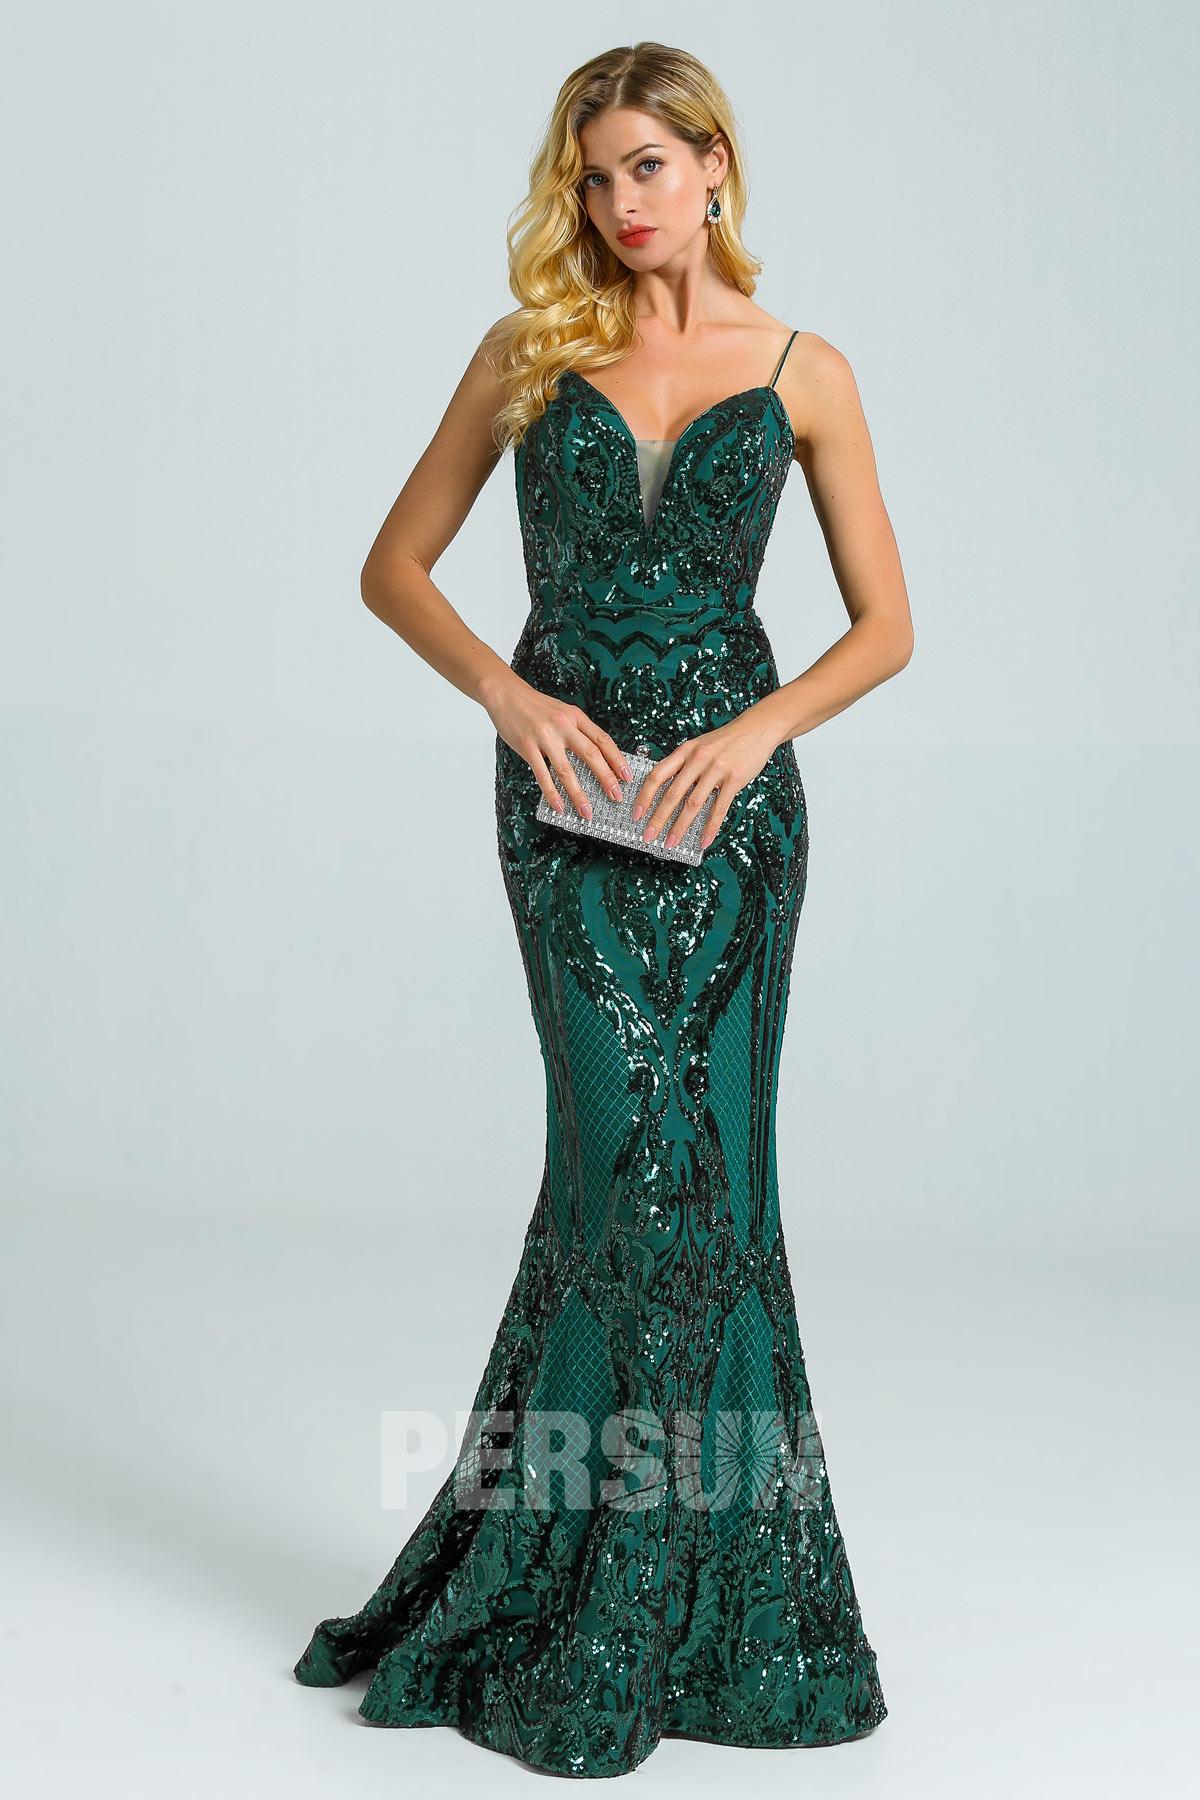 robe de soirée 2020 sirène vert sapin col v ornée de sequins avec bretelle fine